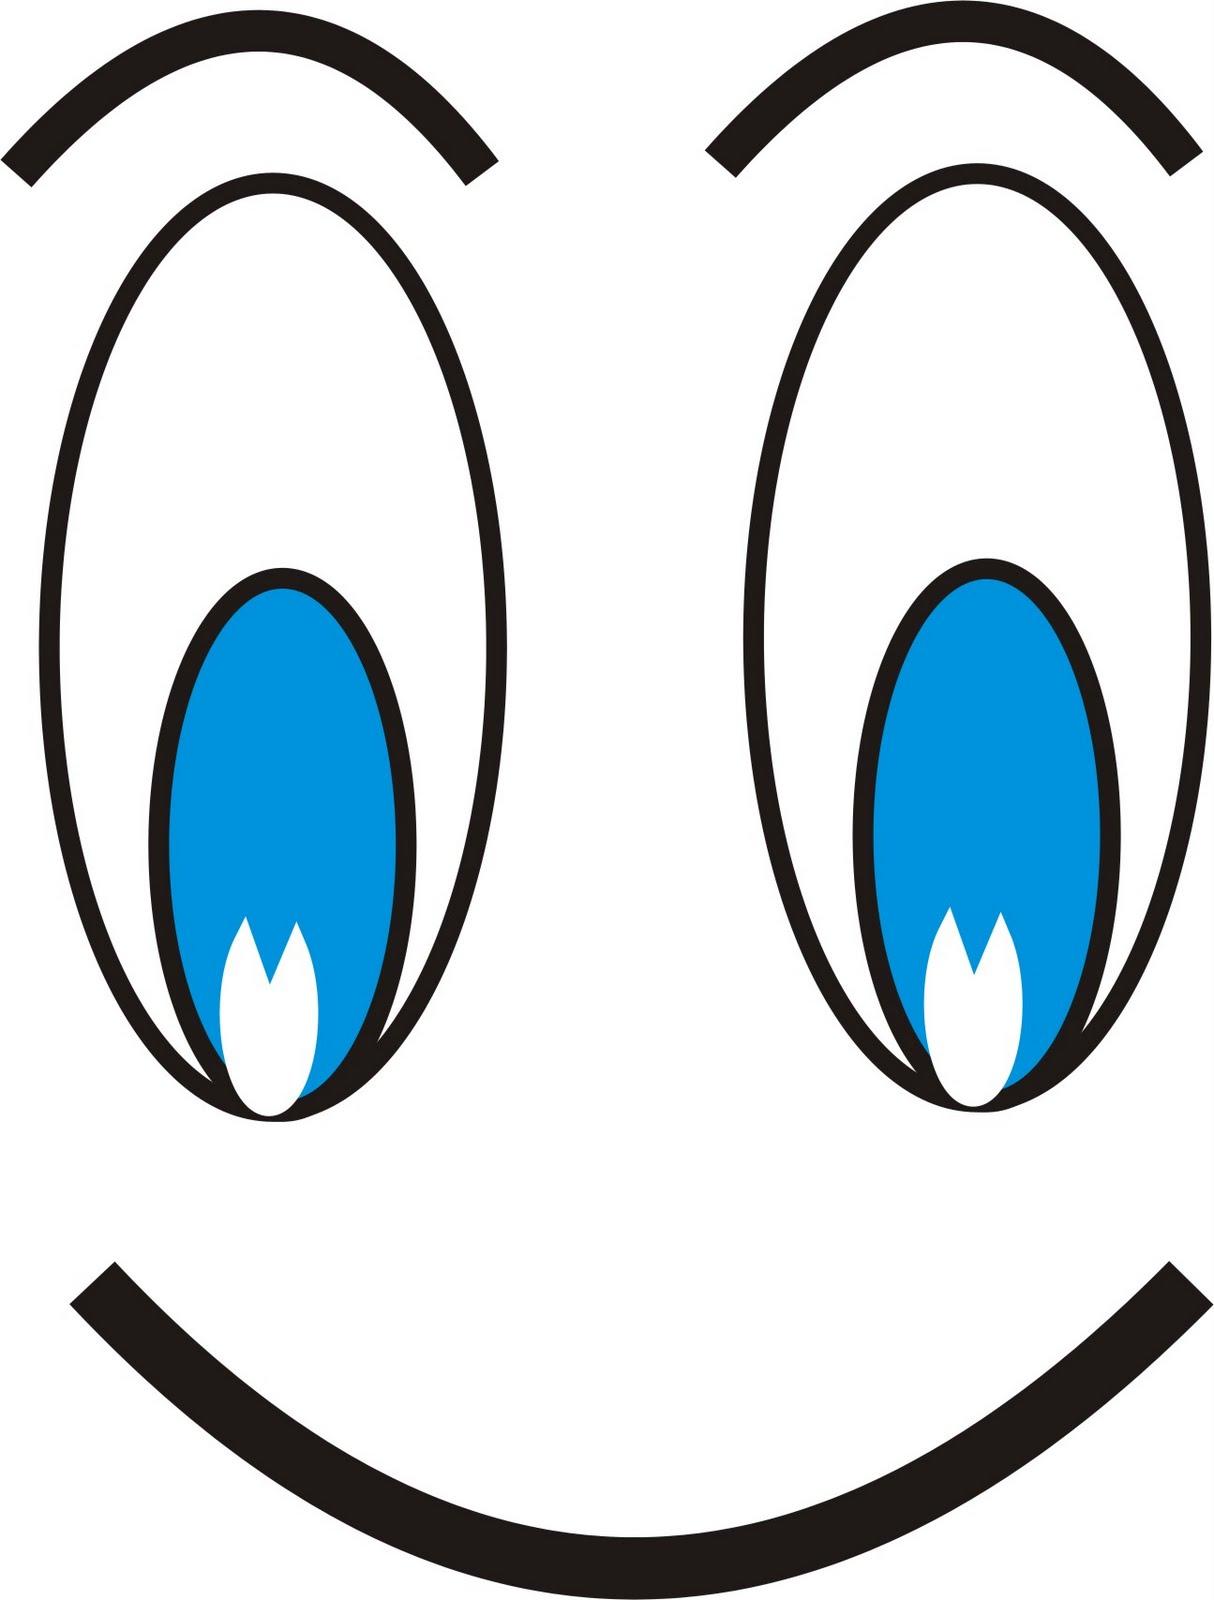 Ojos en caricatura - Imagui